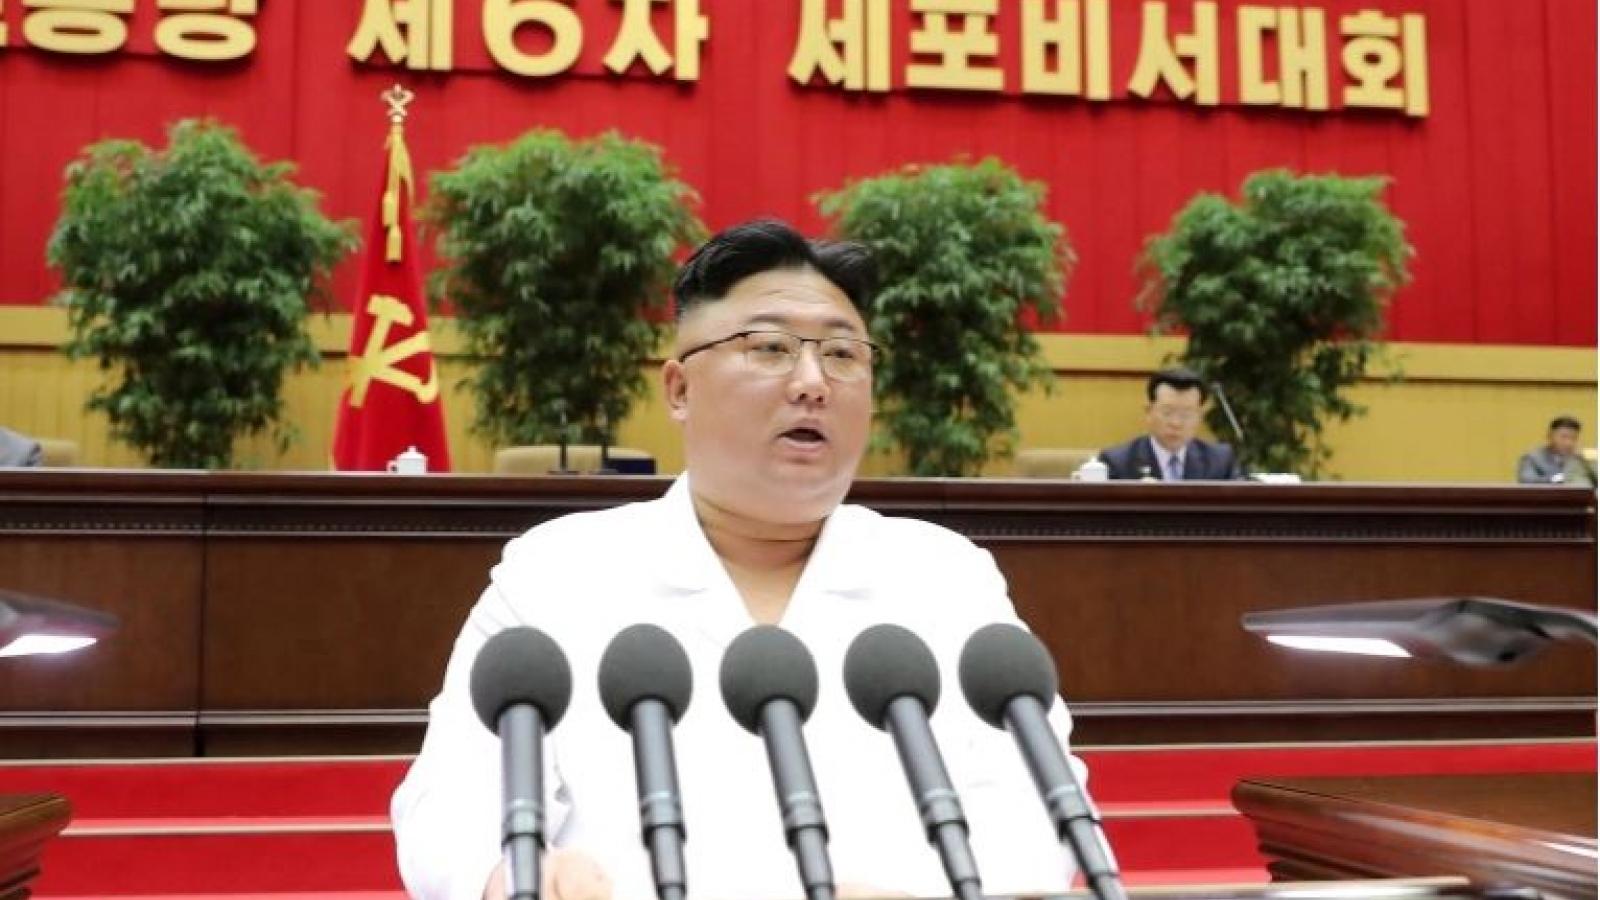 Ông Kim Jong Un: Triều Tiên đang đối mặt với tình hình tồi tệ nhất